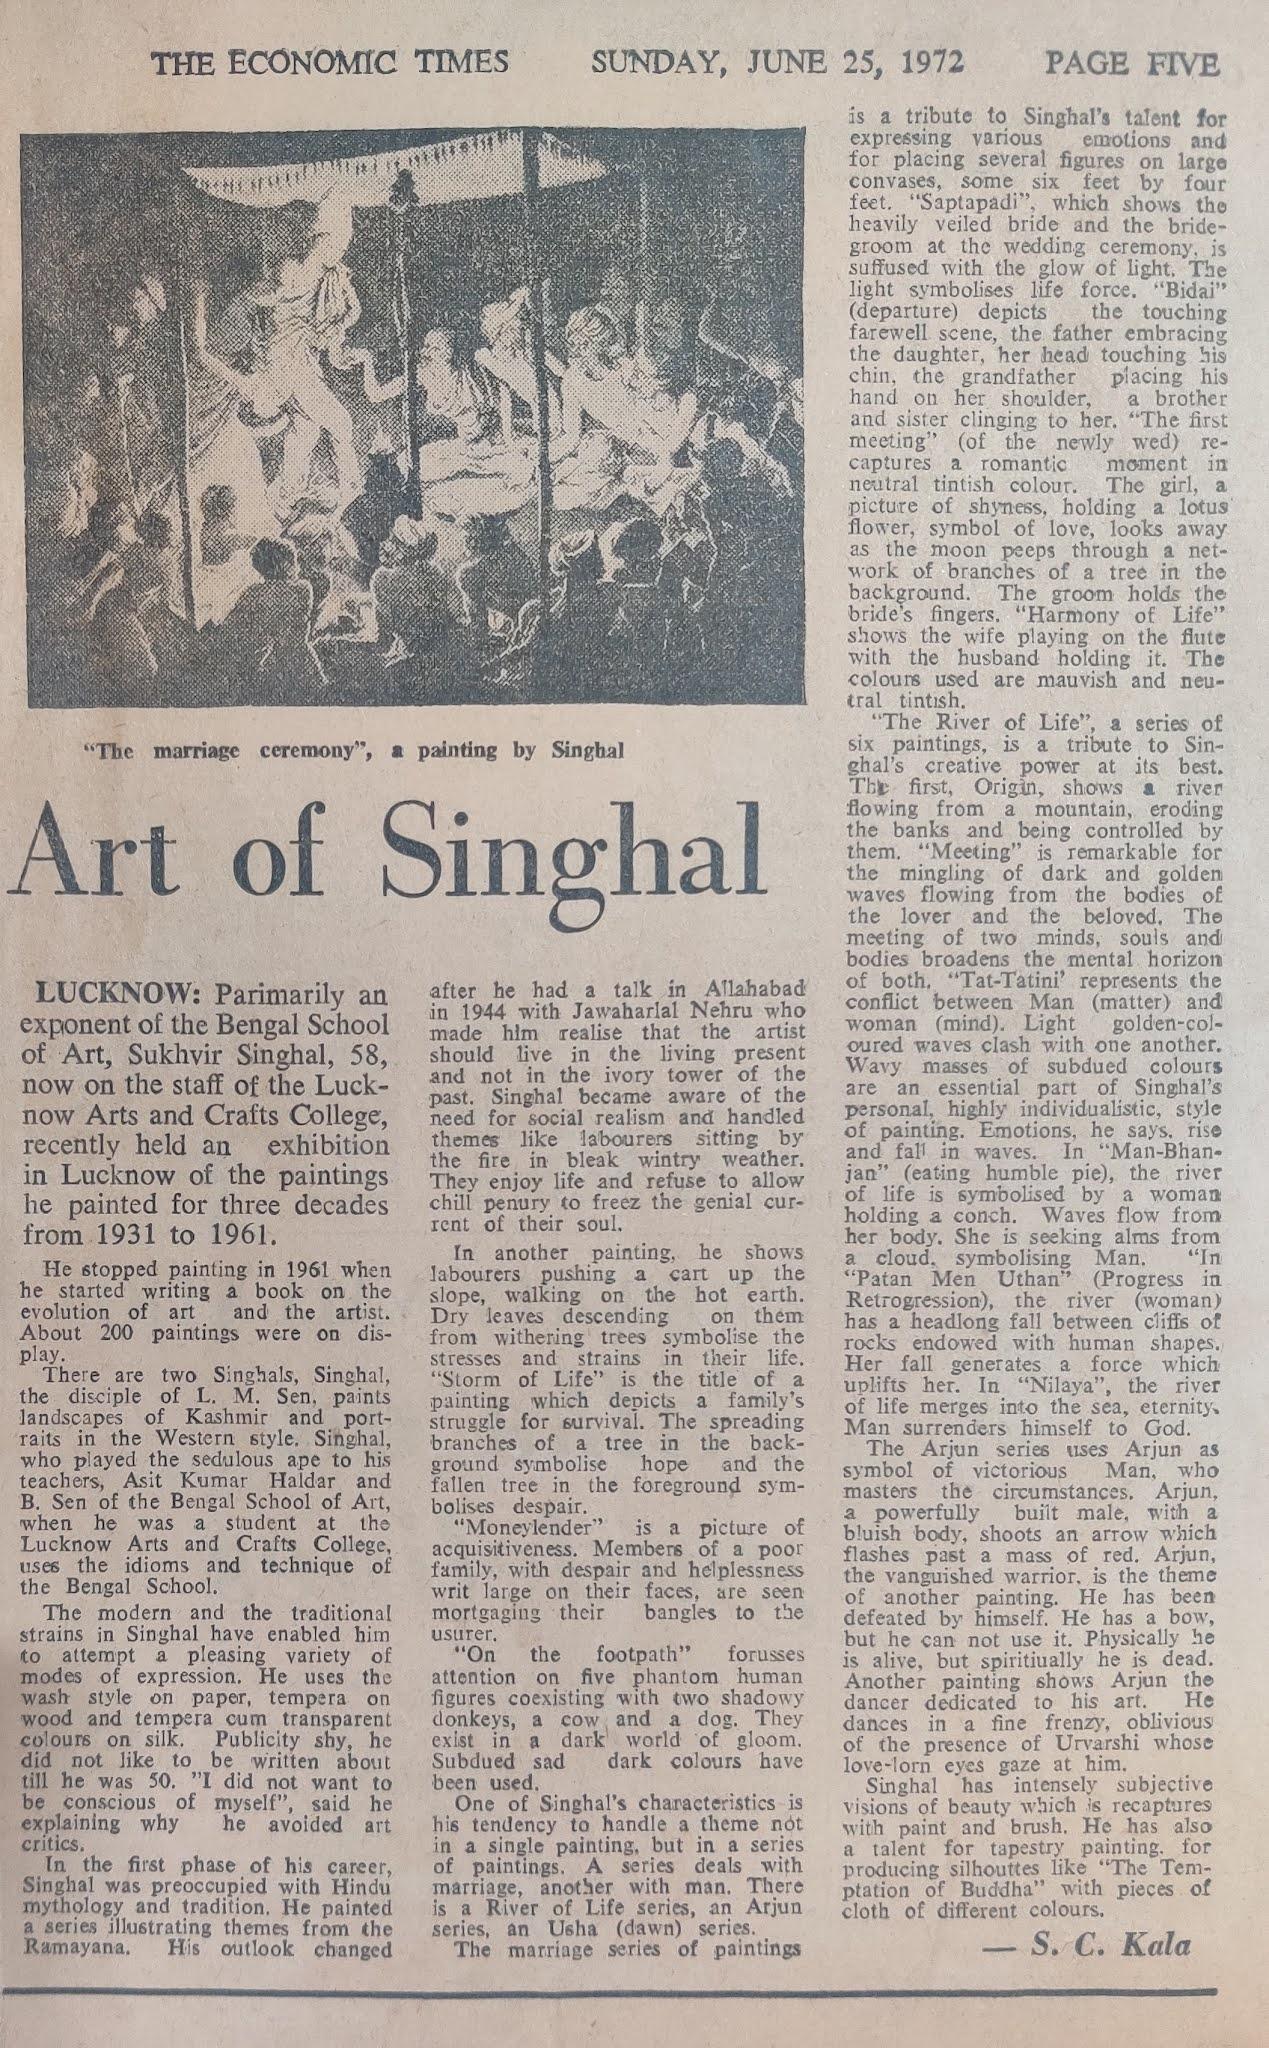 Sukhvir Sanghal_Bengal School of Art painter